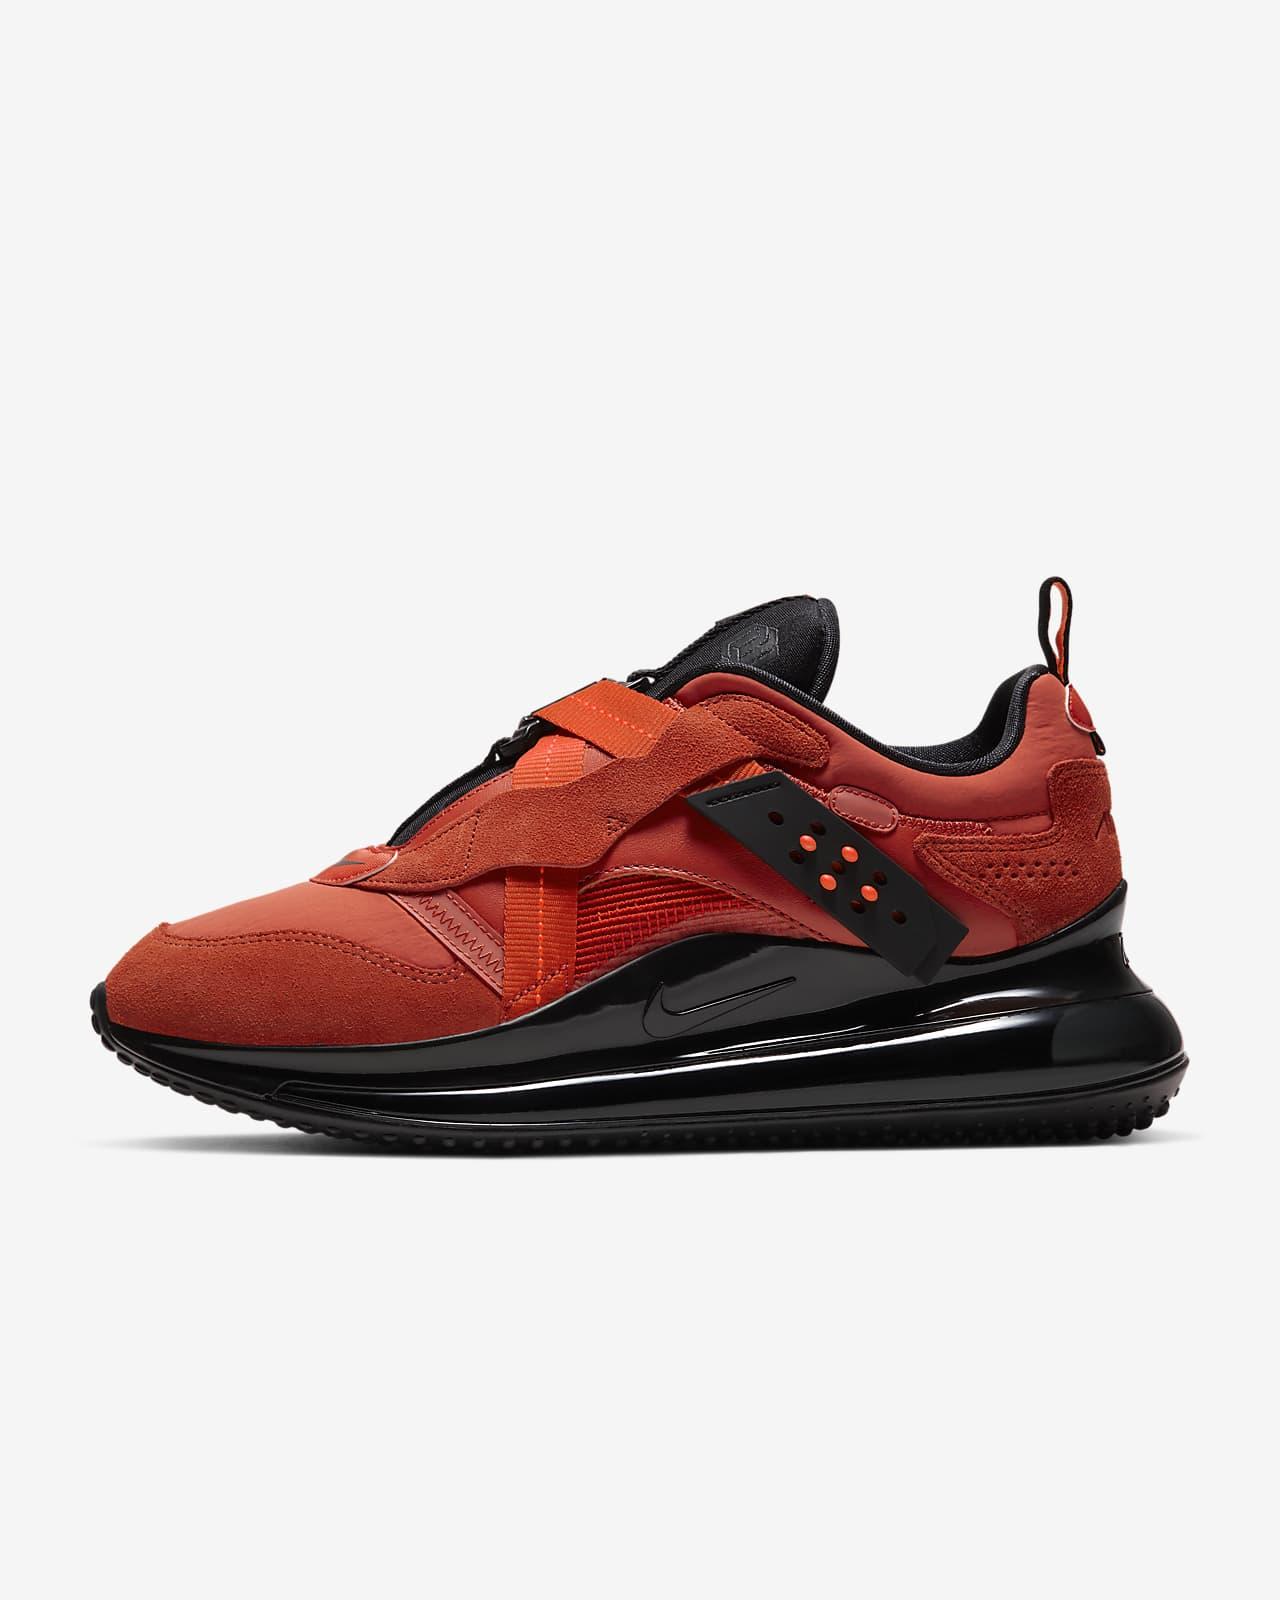 Calzado para hombre Nike Air Max 720 OBJ Slip